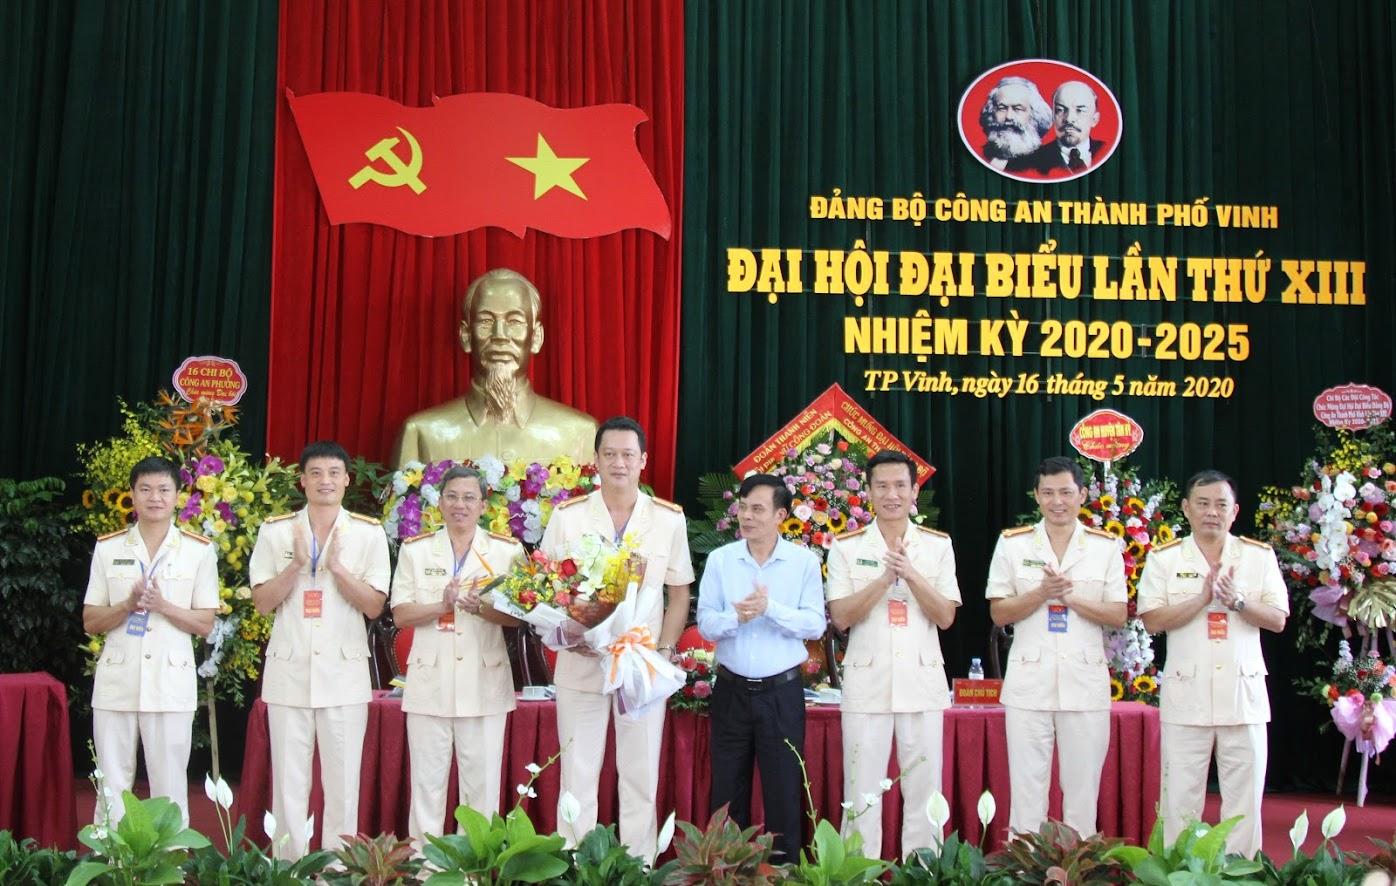 Đồng chí Trần Ngọc Tú, Chủ tịch UBND TP Vinh tặng hoa chúc mừng BCH nhiệm kỳ mới.